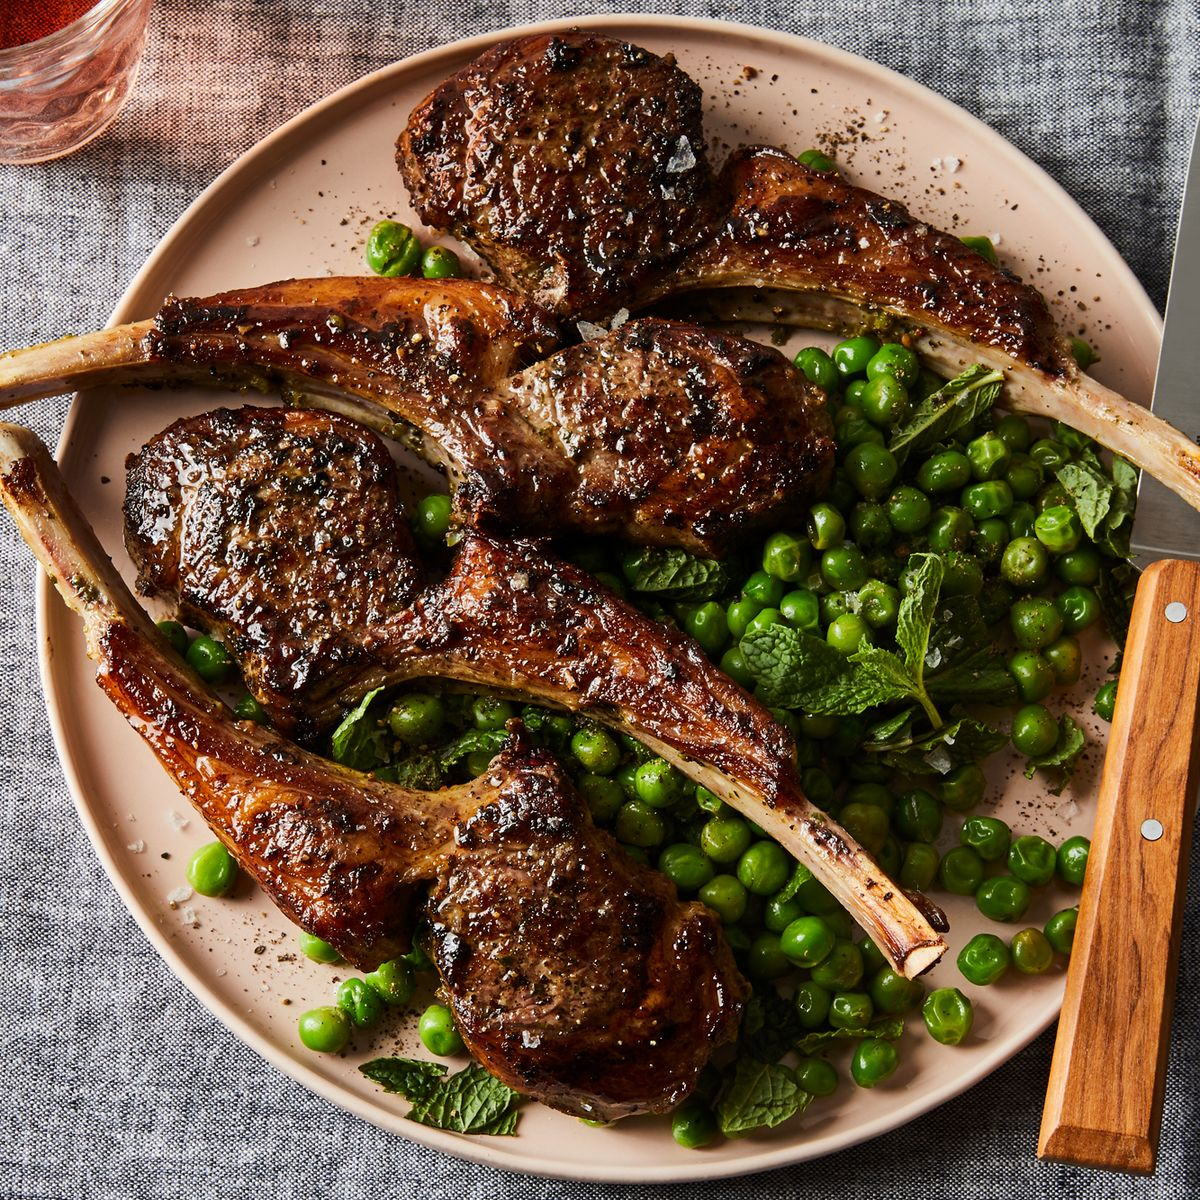 lamb chop easy marinade Pan-Fried Lamb Chops With Minted Pea Salad